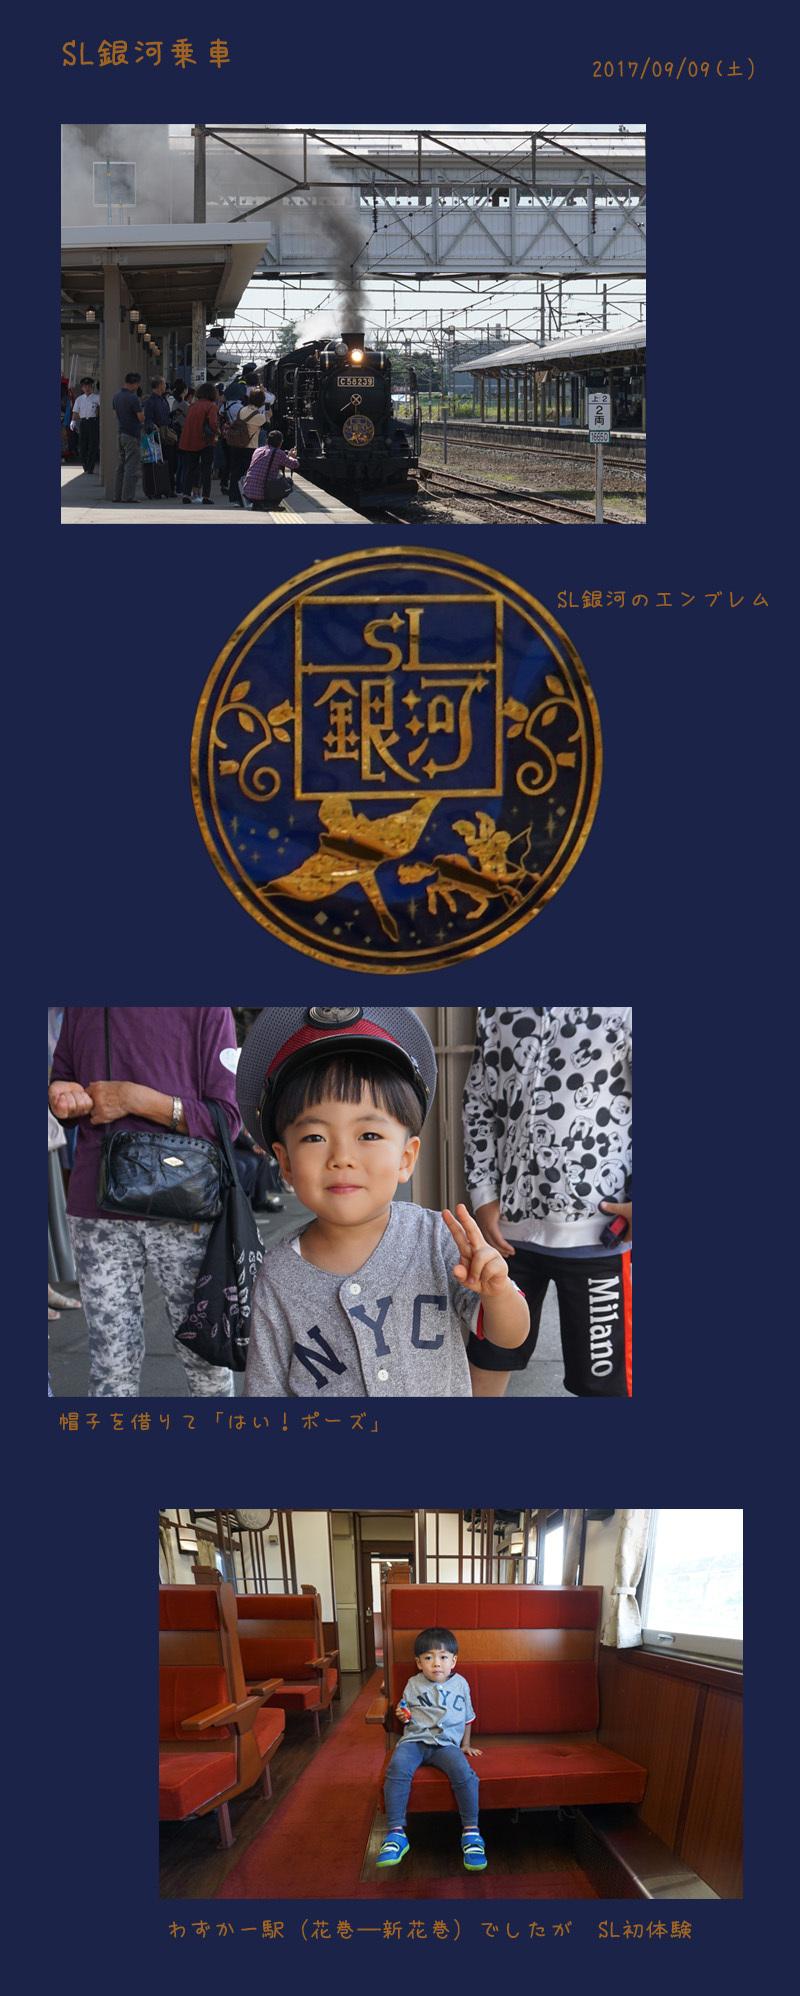 SL銀河乗車&しし踊り_b0019313_15493908.jpg